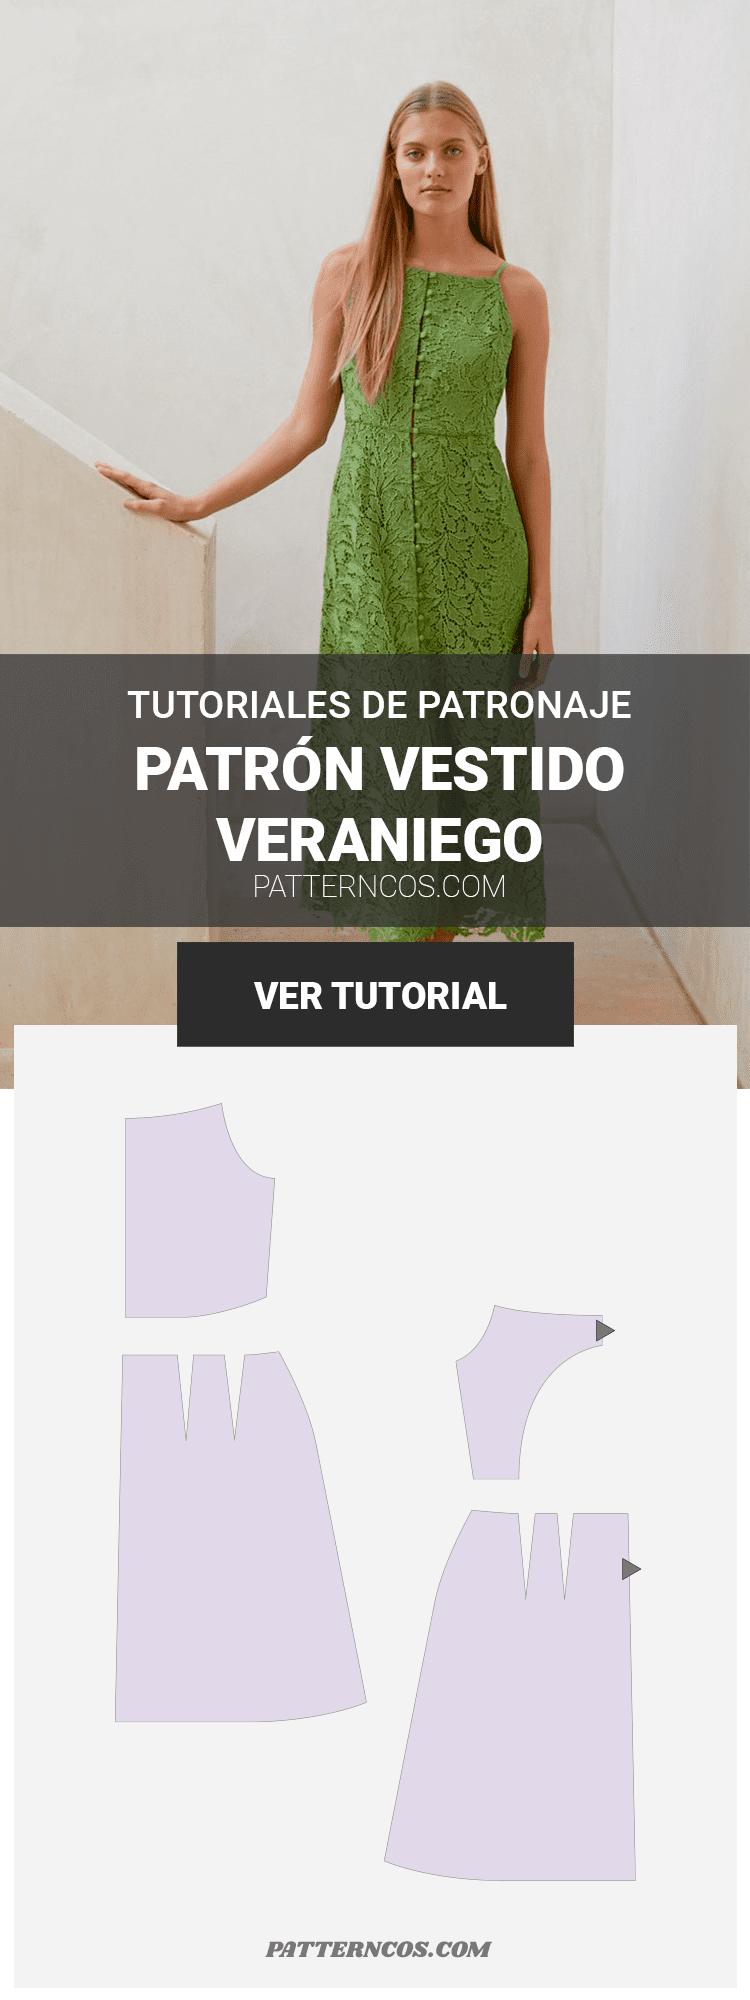 Tutorial_patron_3_vestidos_de_verano_instagram_2